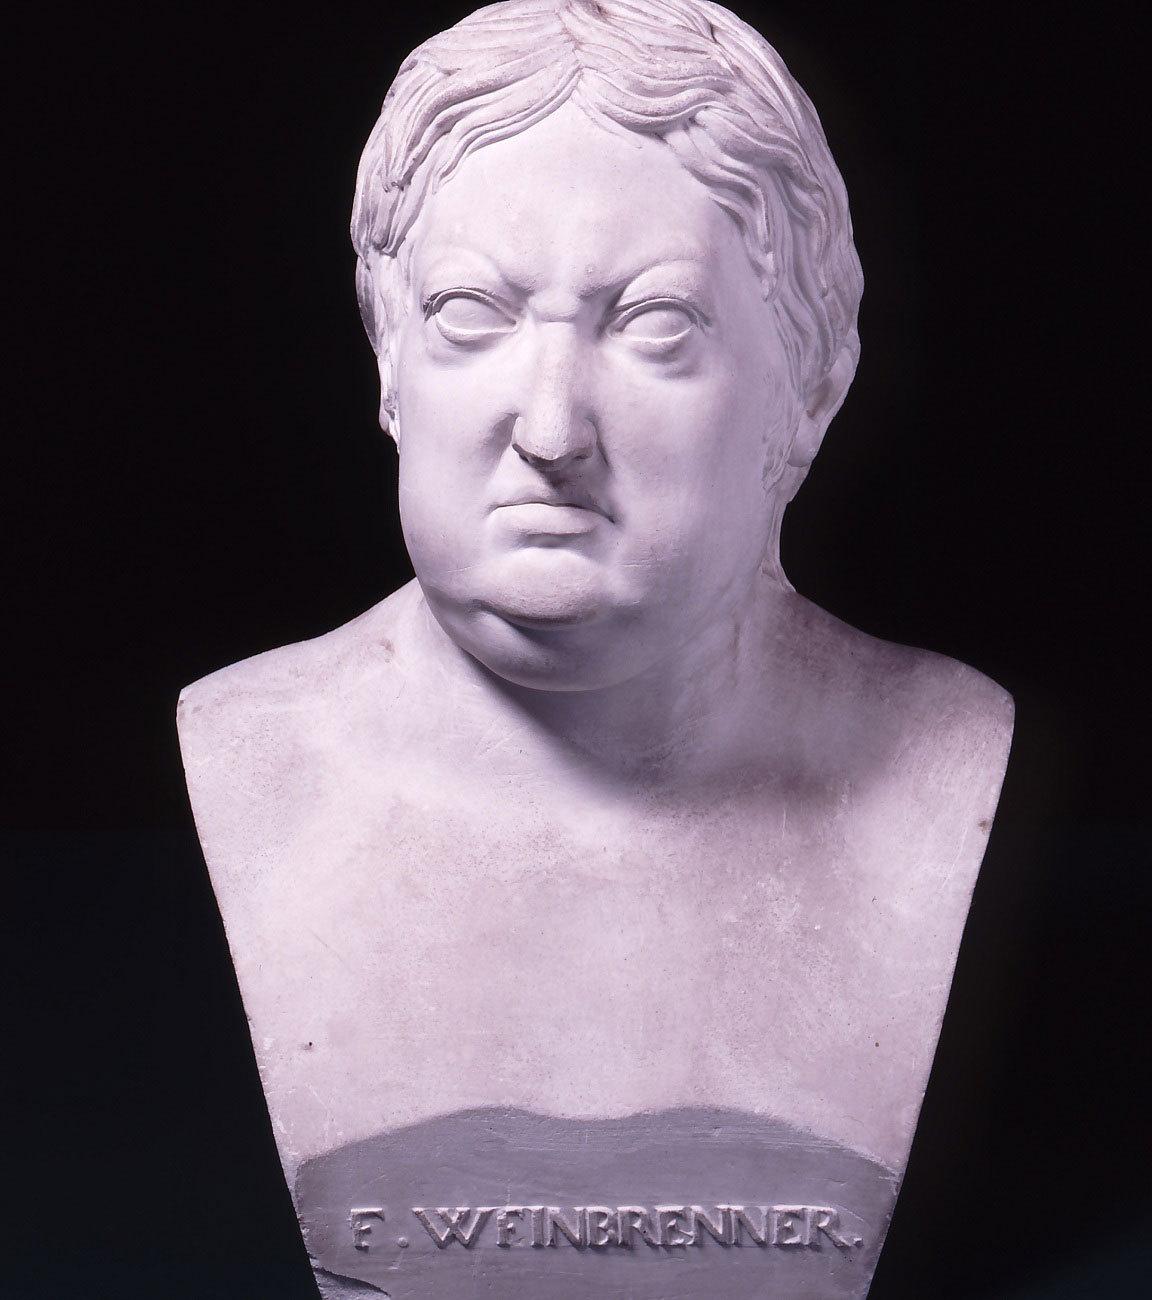 Johann Jacob Friedrich Weinbrenner (1776-1828), 1826